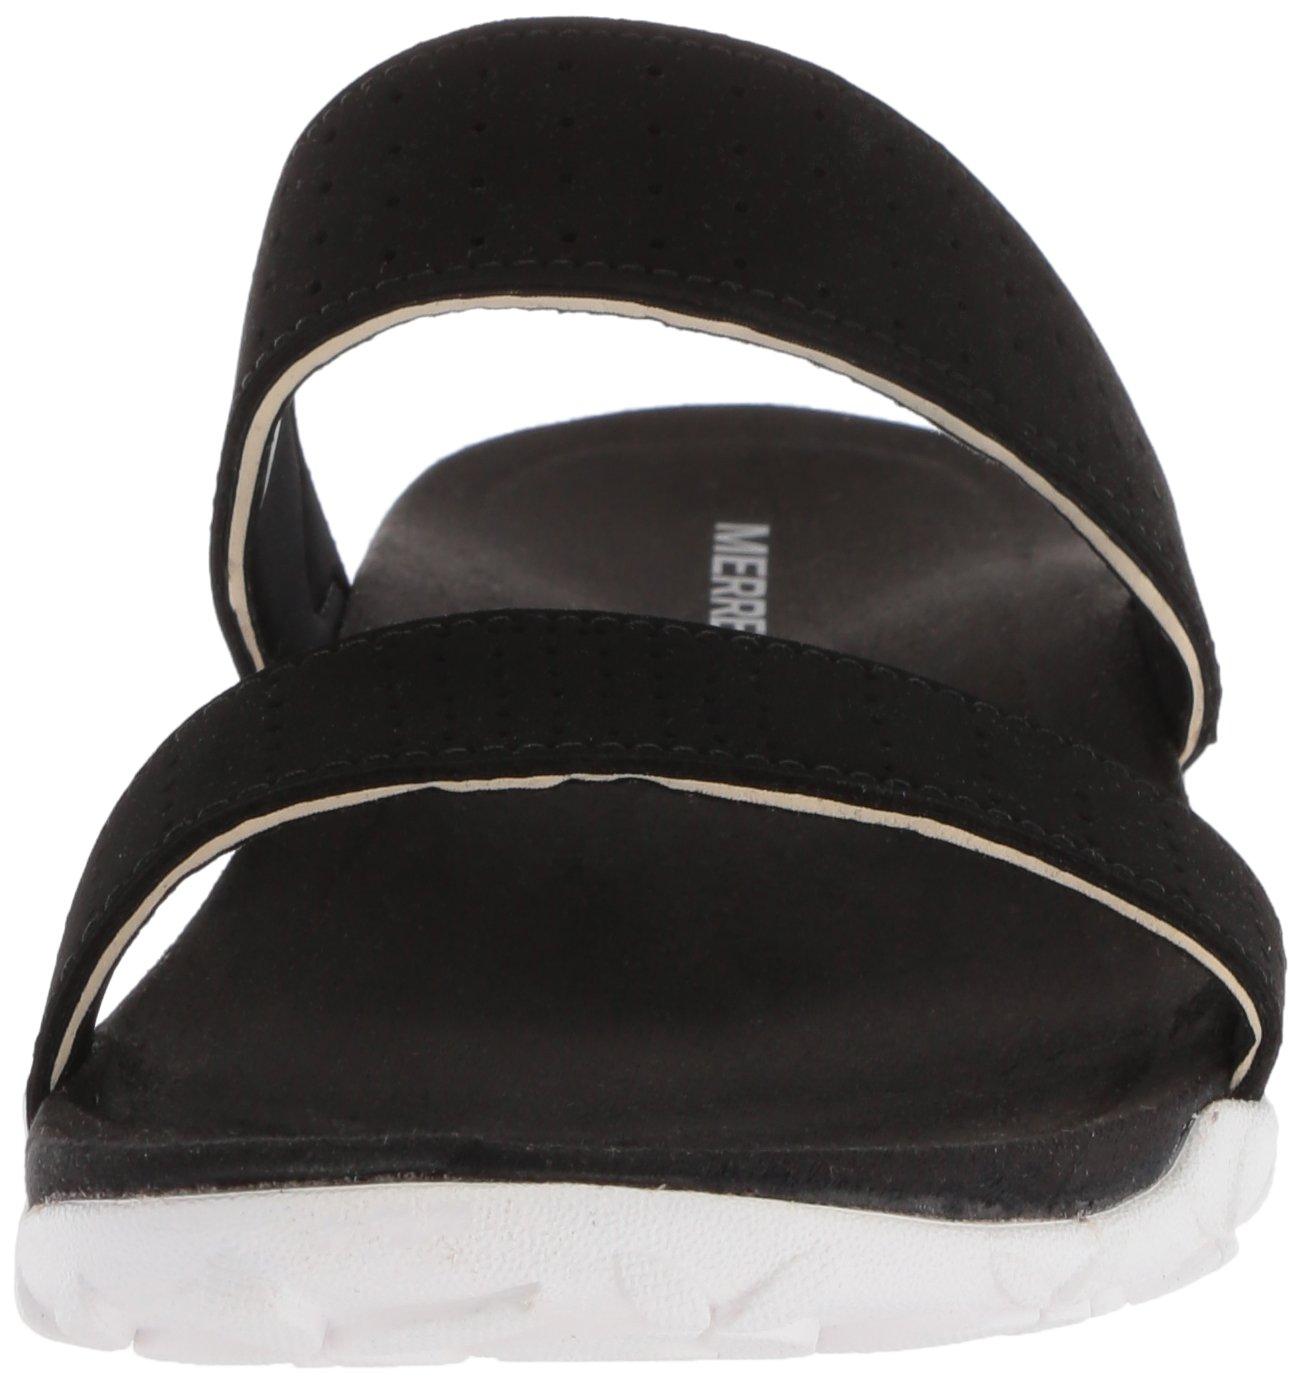 Merrell Women's Terran Ari Slide Sandal B071ZN3F4Z 10 B(M) US|Black